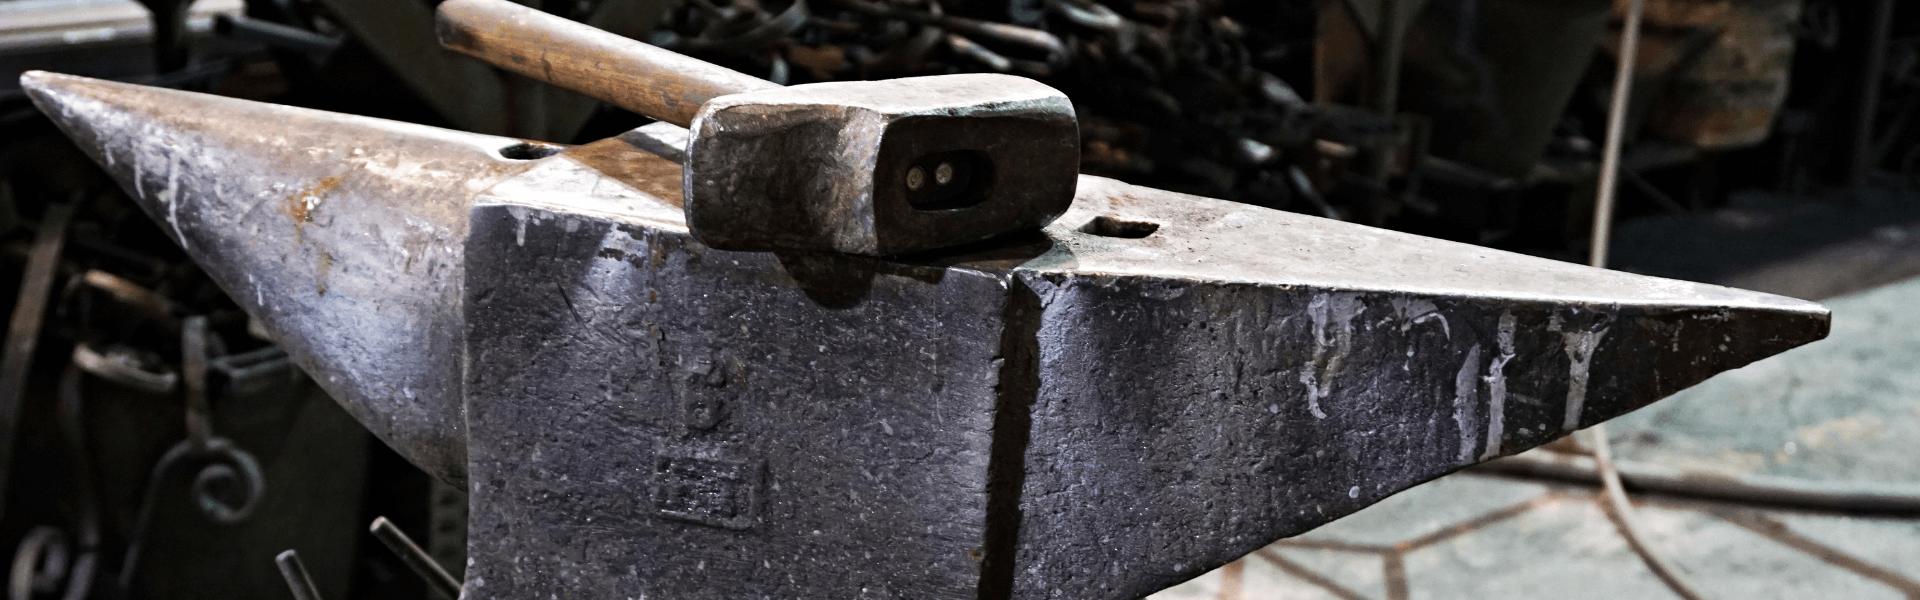 incudine e martello officina nastasi tumminello fabbro a genova